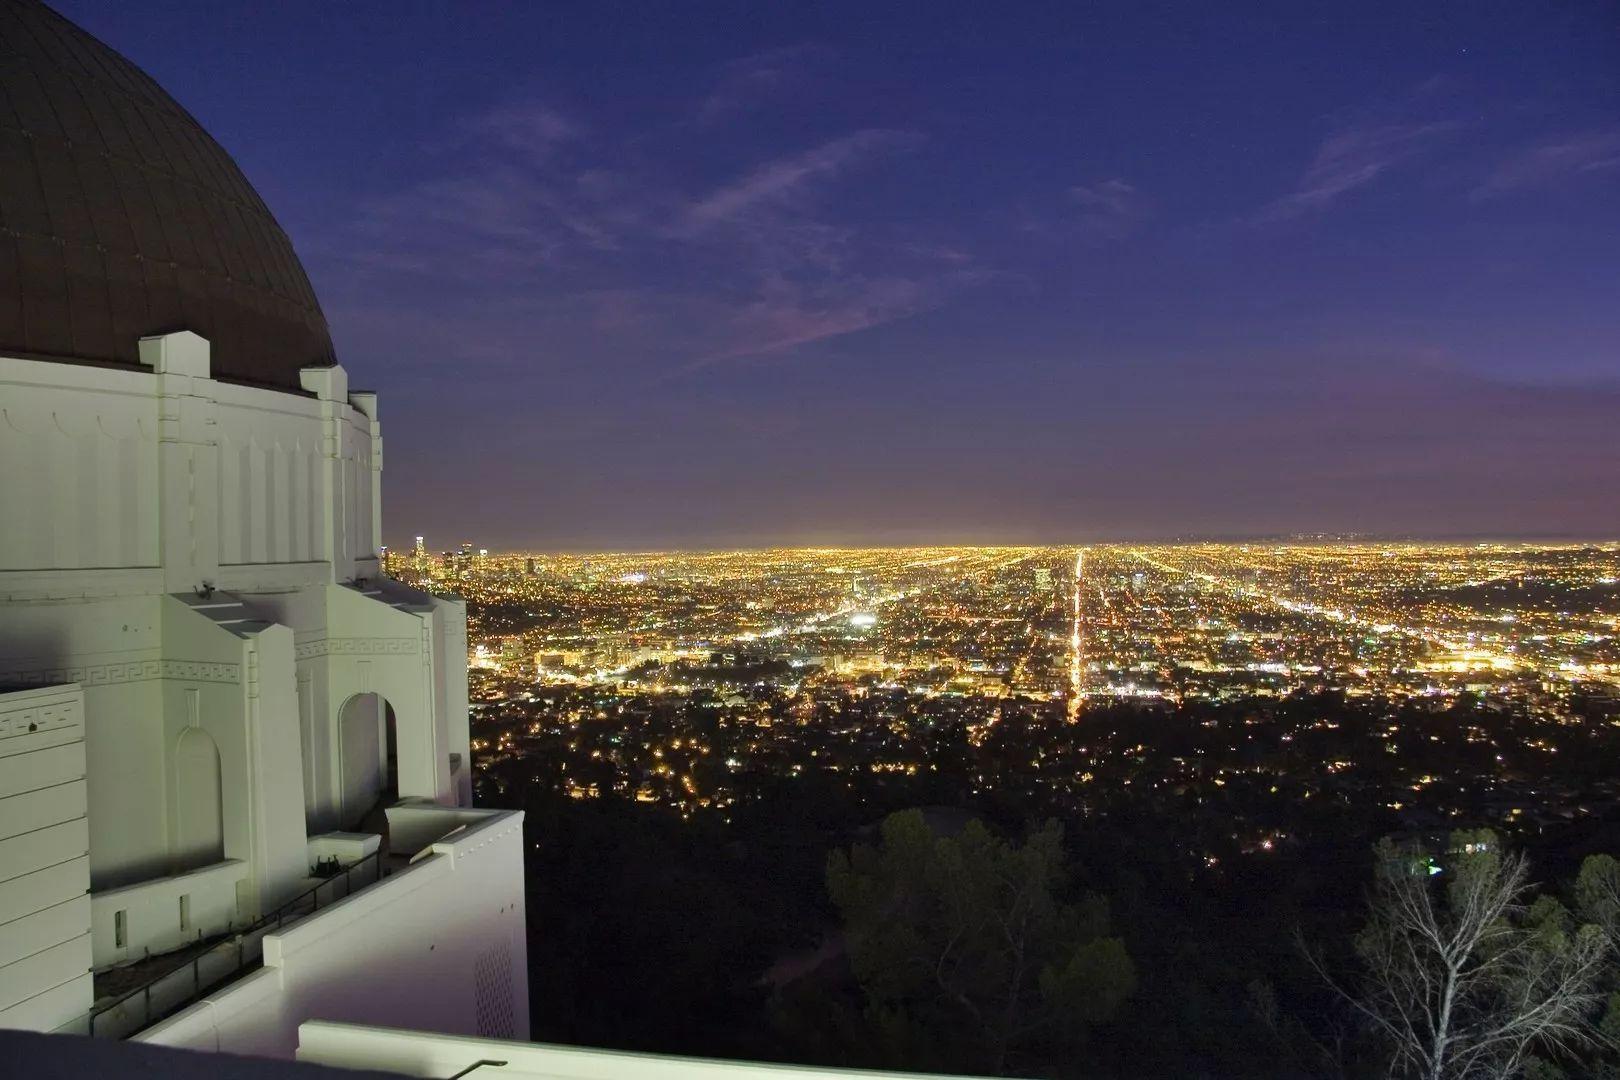 天使之城的阶梯 | 在新的高度,看到新的美景